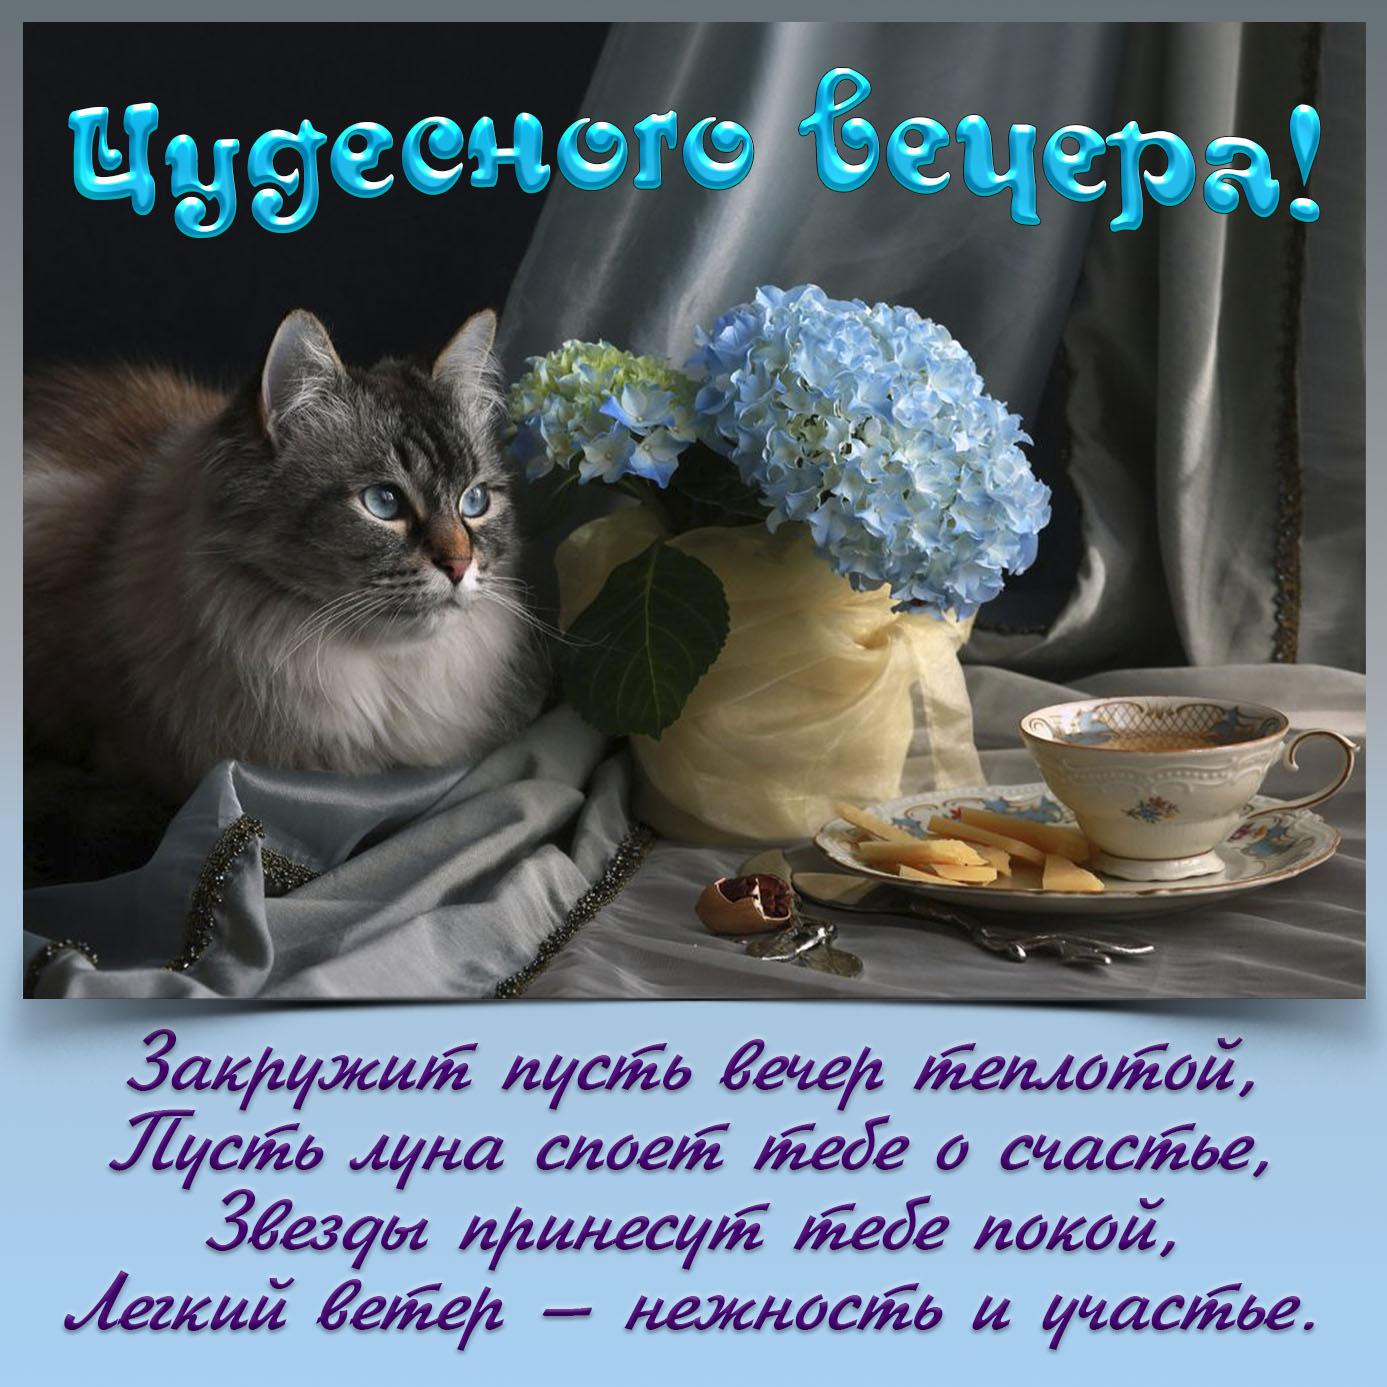 Картинка с котом желающим тебе чудесного вечера